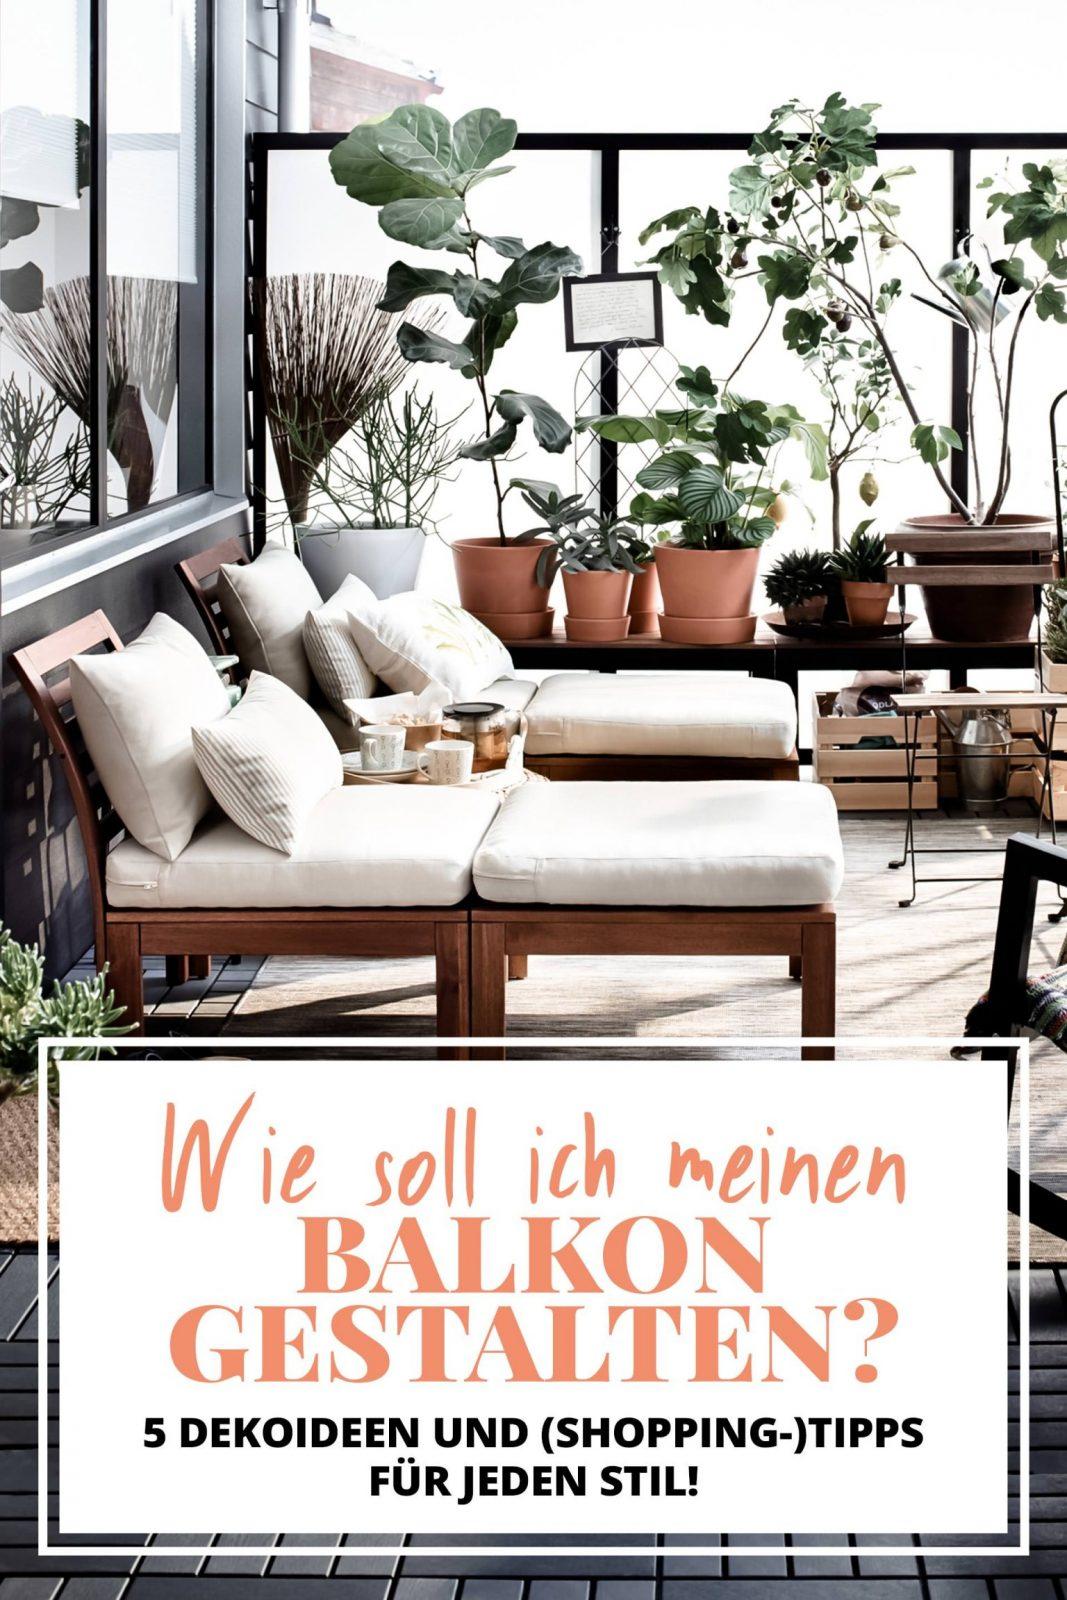 Wie Soll Ich Meinen Balkon Gestalten 5 Dekoideen Und Tipps Für von Balkon Gestalten Mit Wenig Geld Bild